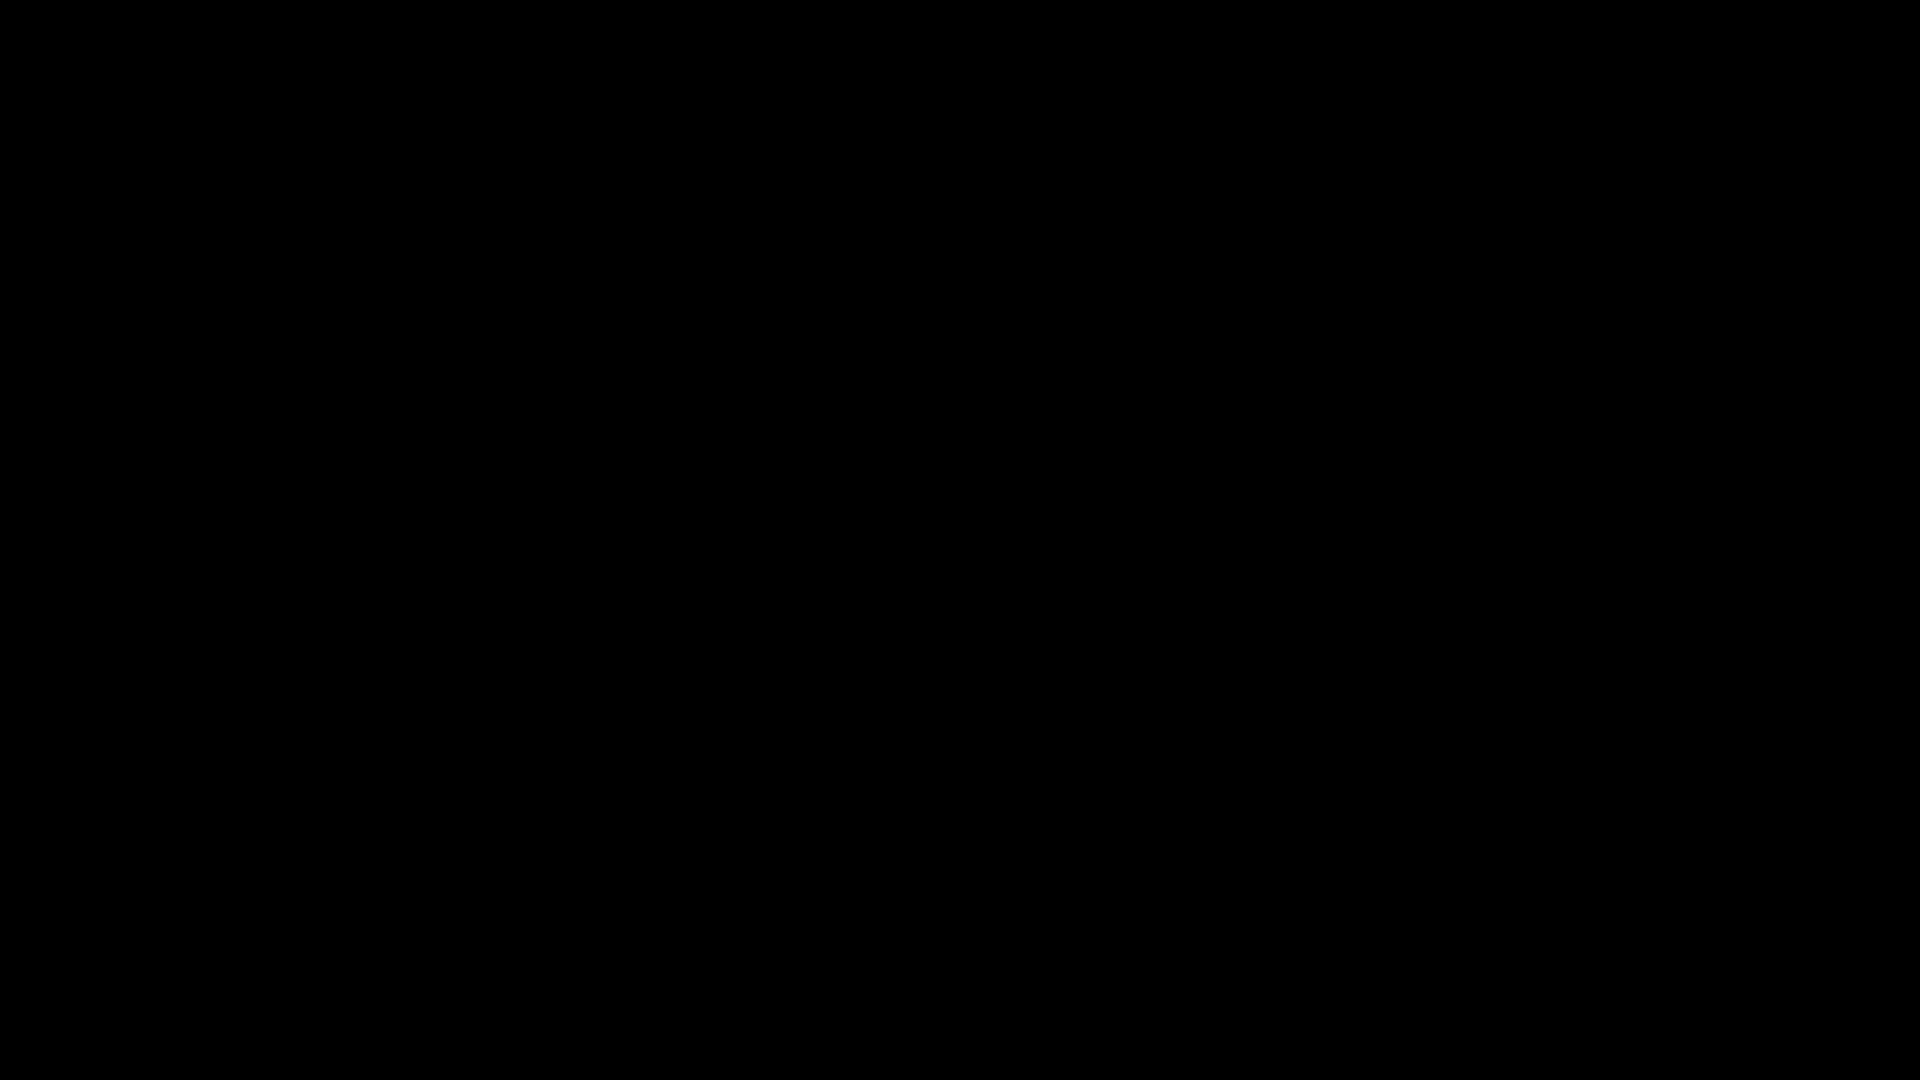 1080p, Cutscene, Cutscenes, Main, Monado, Nintendo, Soft, Theme, Xenoblade, ゼノブレイド, [1080p] Xenoblade Chronicles Title Screen GIFs